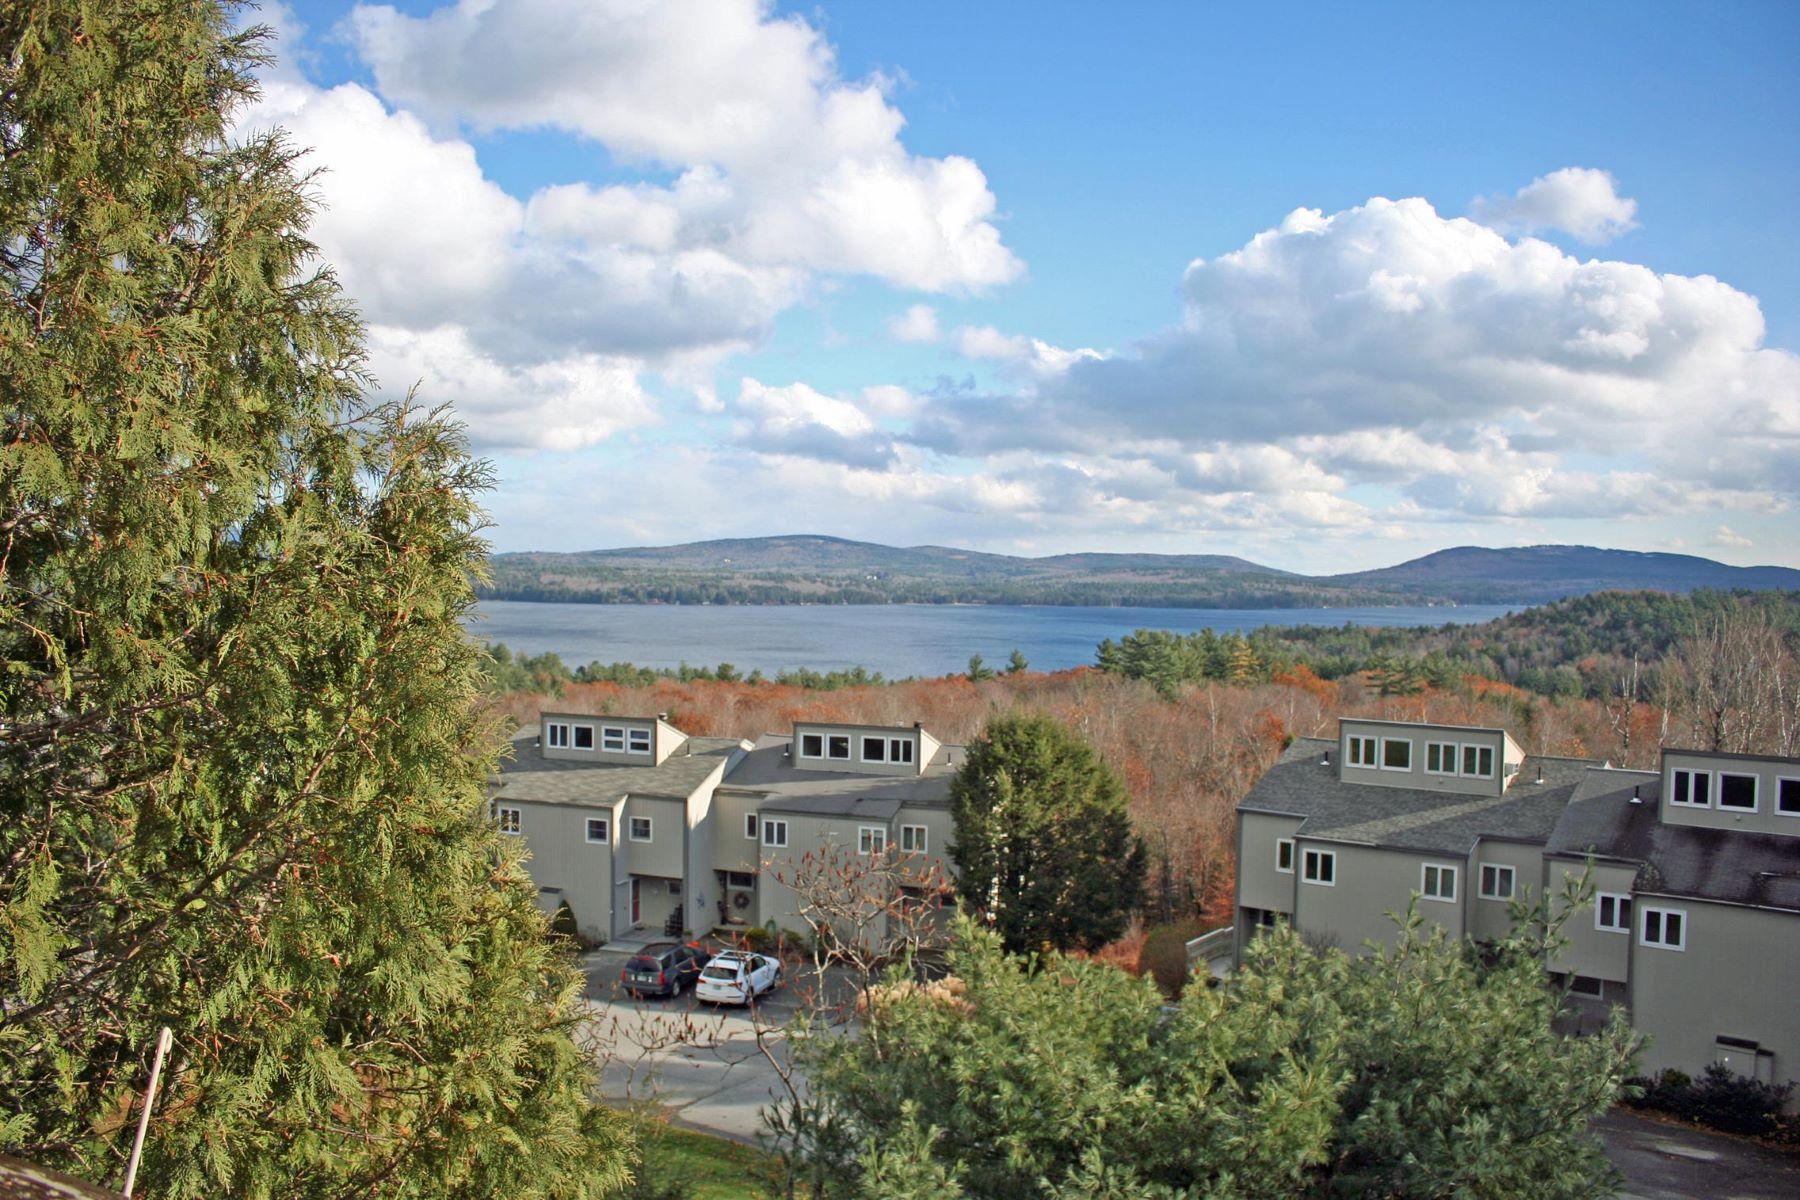 Condominium for Sale at Three Bedroom, Three Bath Grandliden Condominium 41 Skijor Steppe Dr Sunapee, New Hampshire 03872 United States